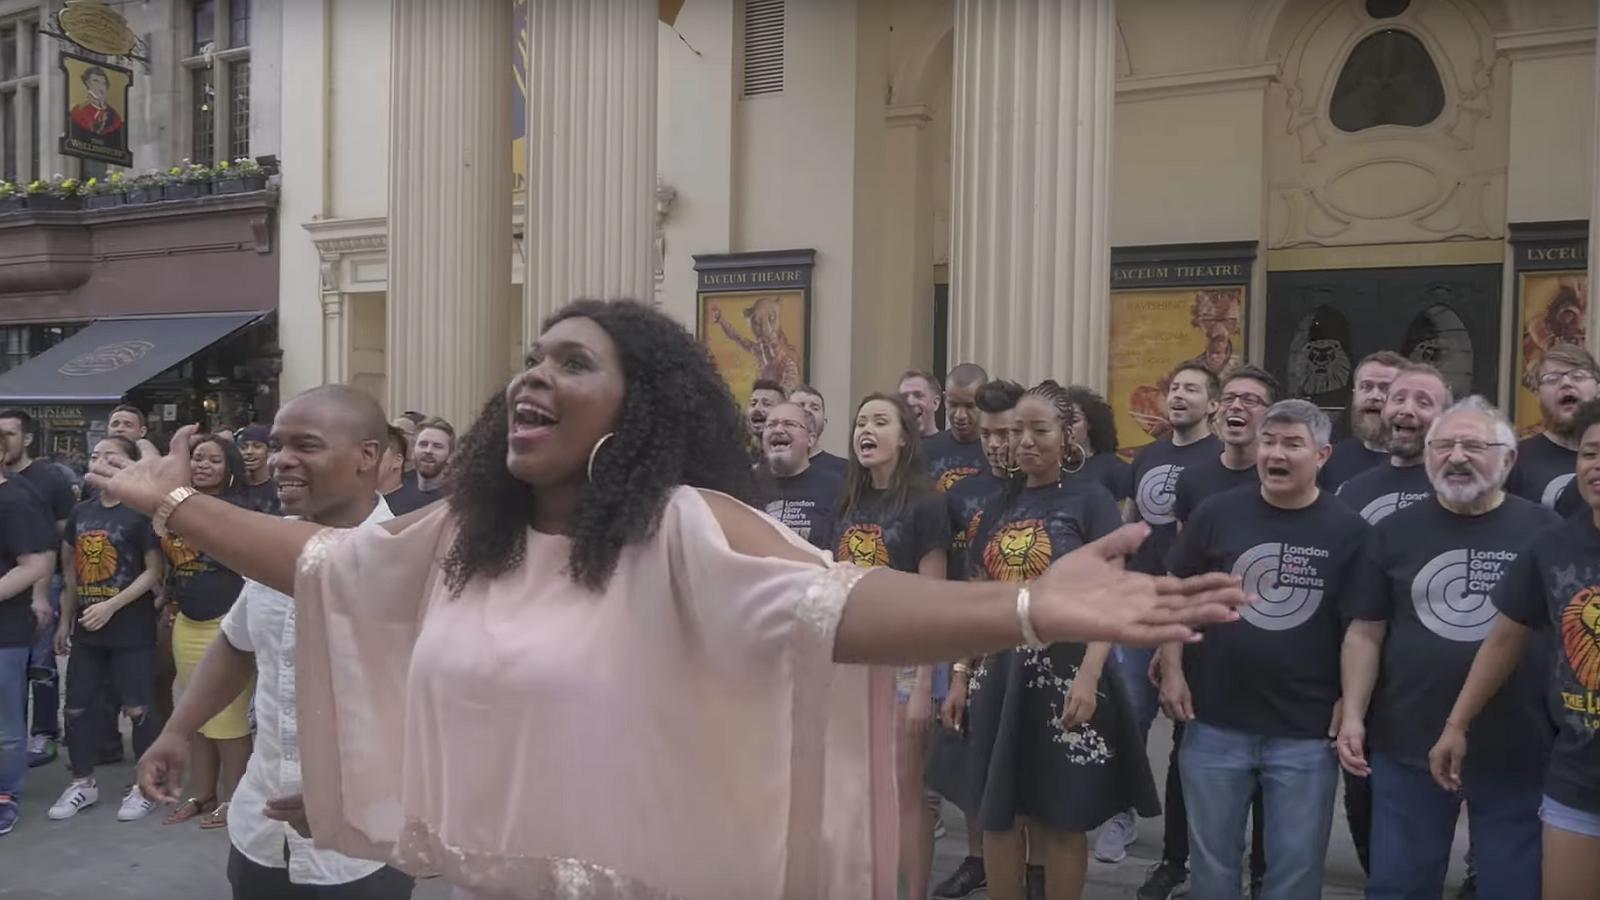 Virals van de week: De cast van The Lion King zingt samen met een homokoor